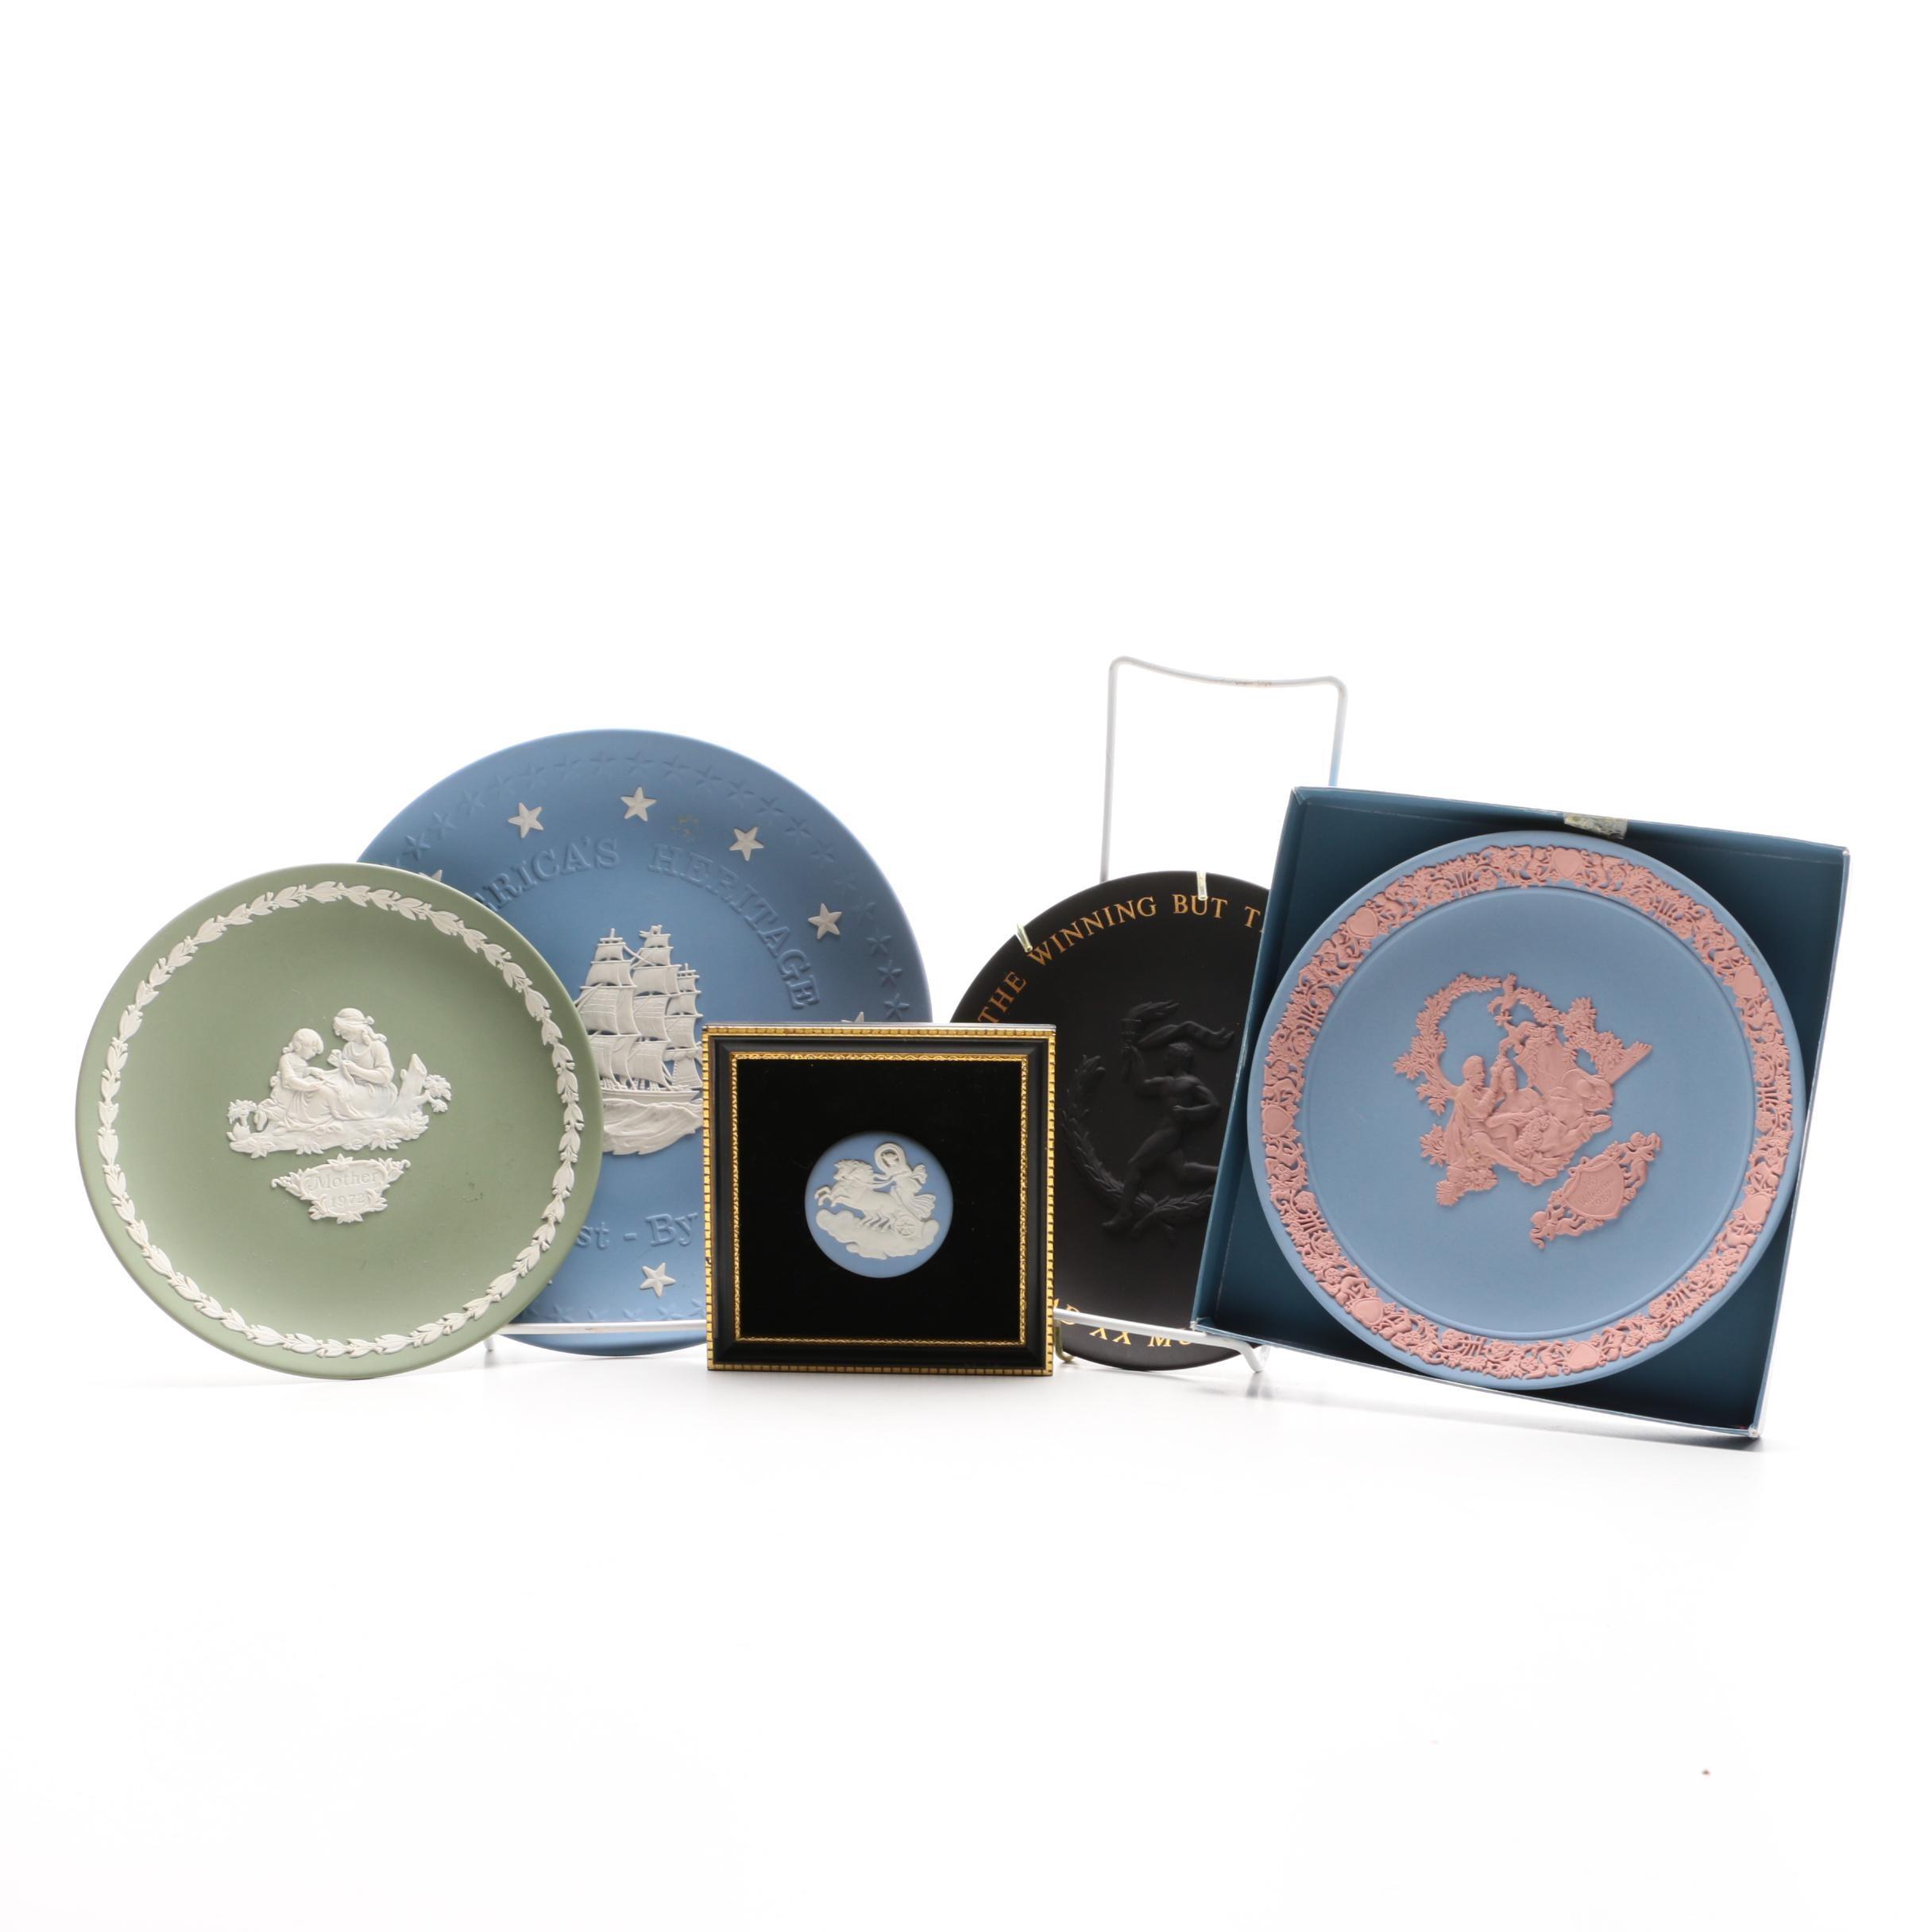 Wedgwood Decorative Plates ...  sc 1 st  EBTH.com & Wedgwood Decorative Plates : EBTH